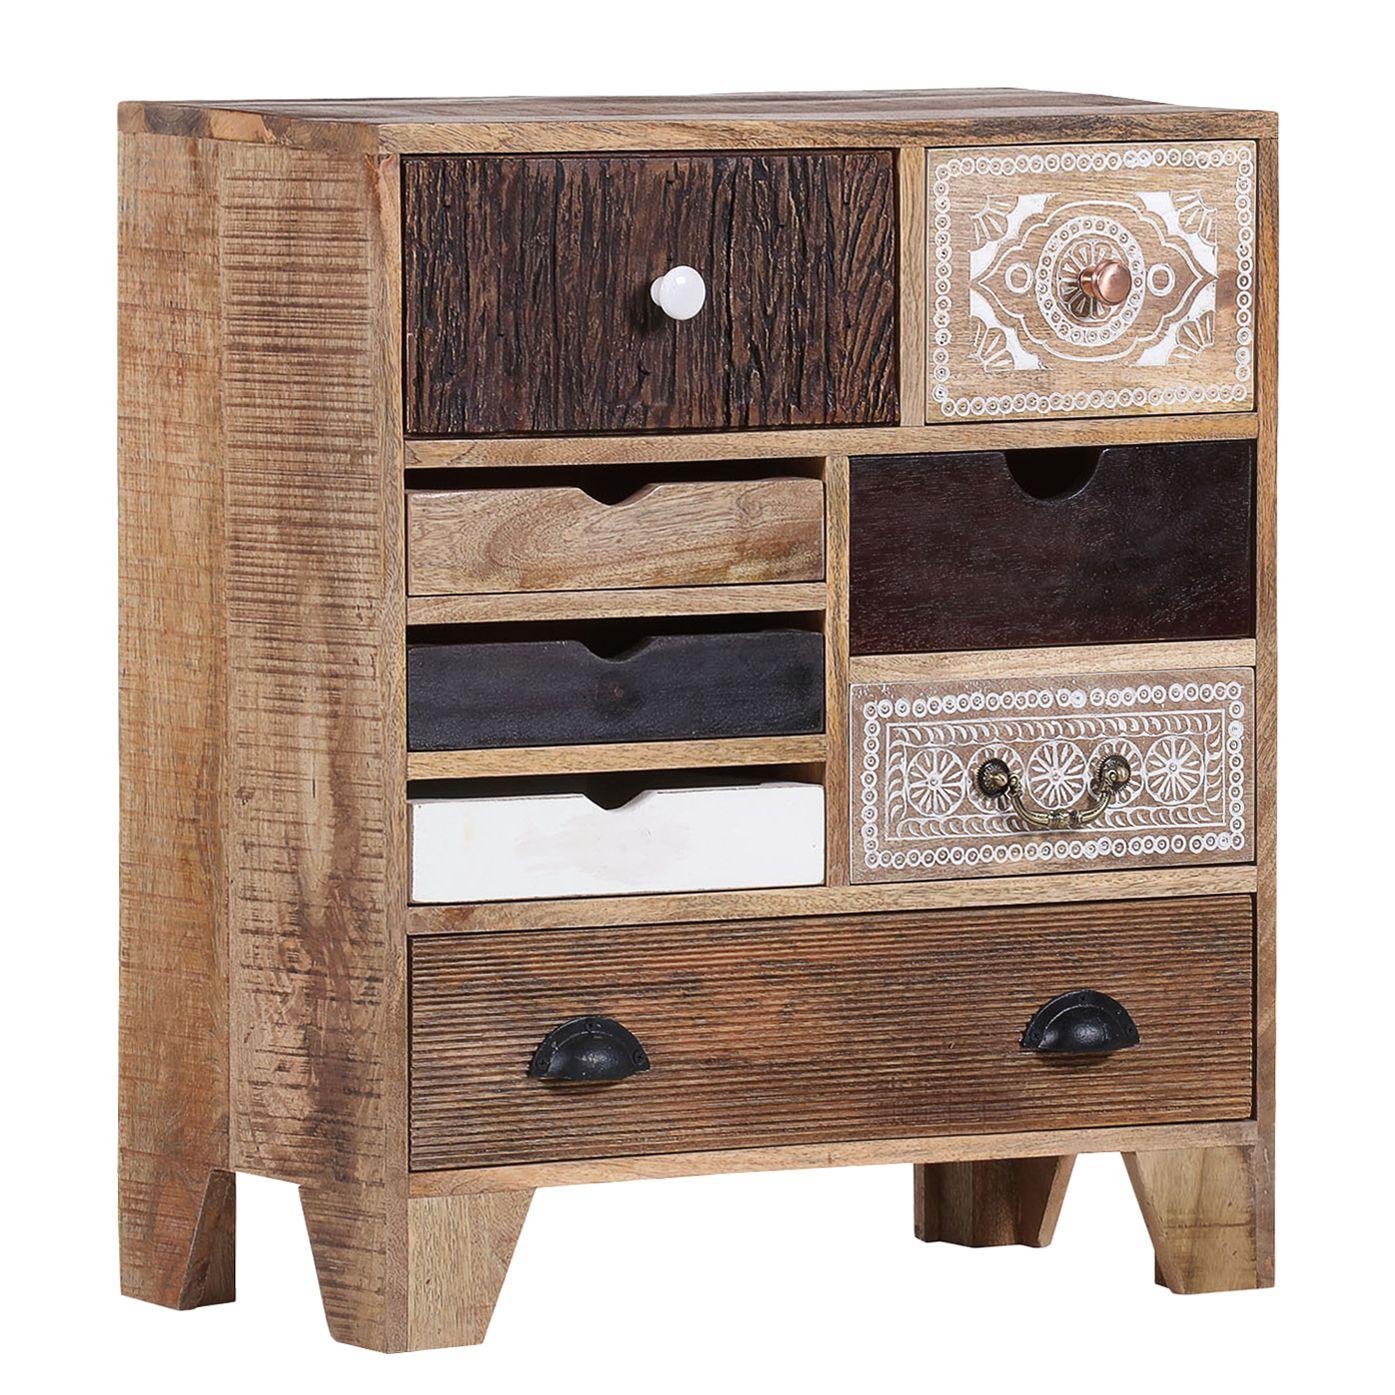 kommode curenna ii mango teilmassiv mango braun ars natura online kaufen bei woonio. Black Bedroom Furniture Sets. Home Design Ideas